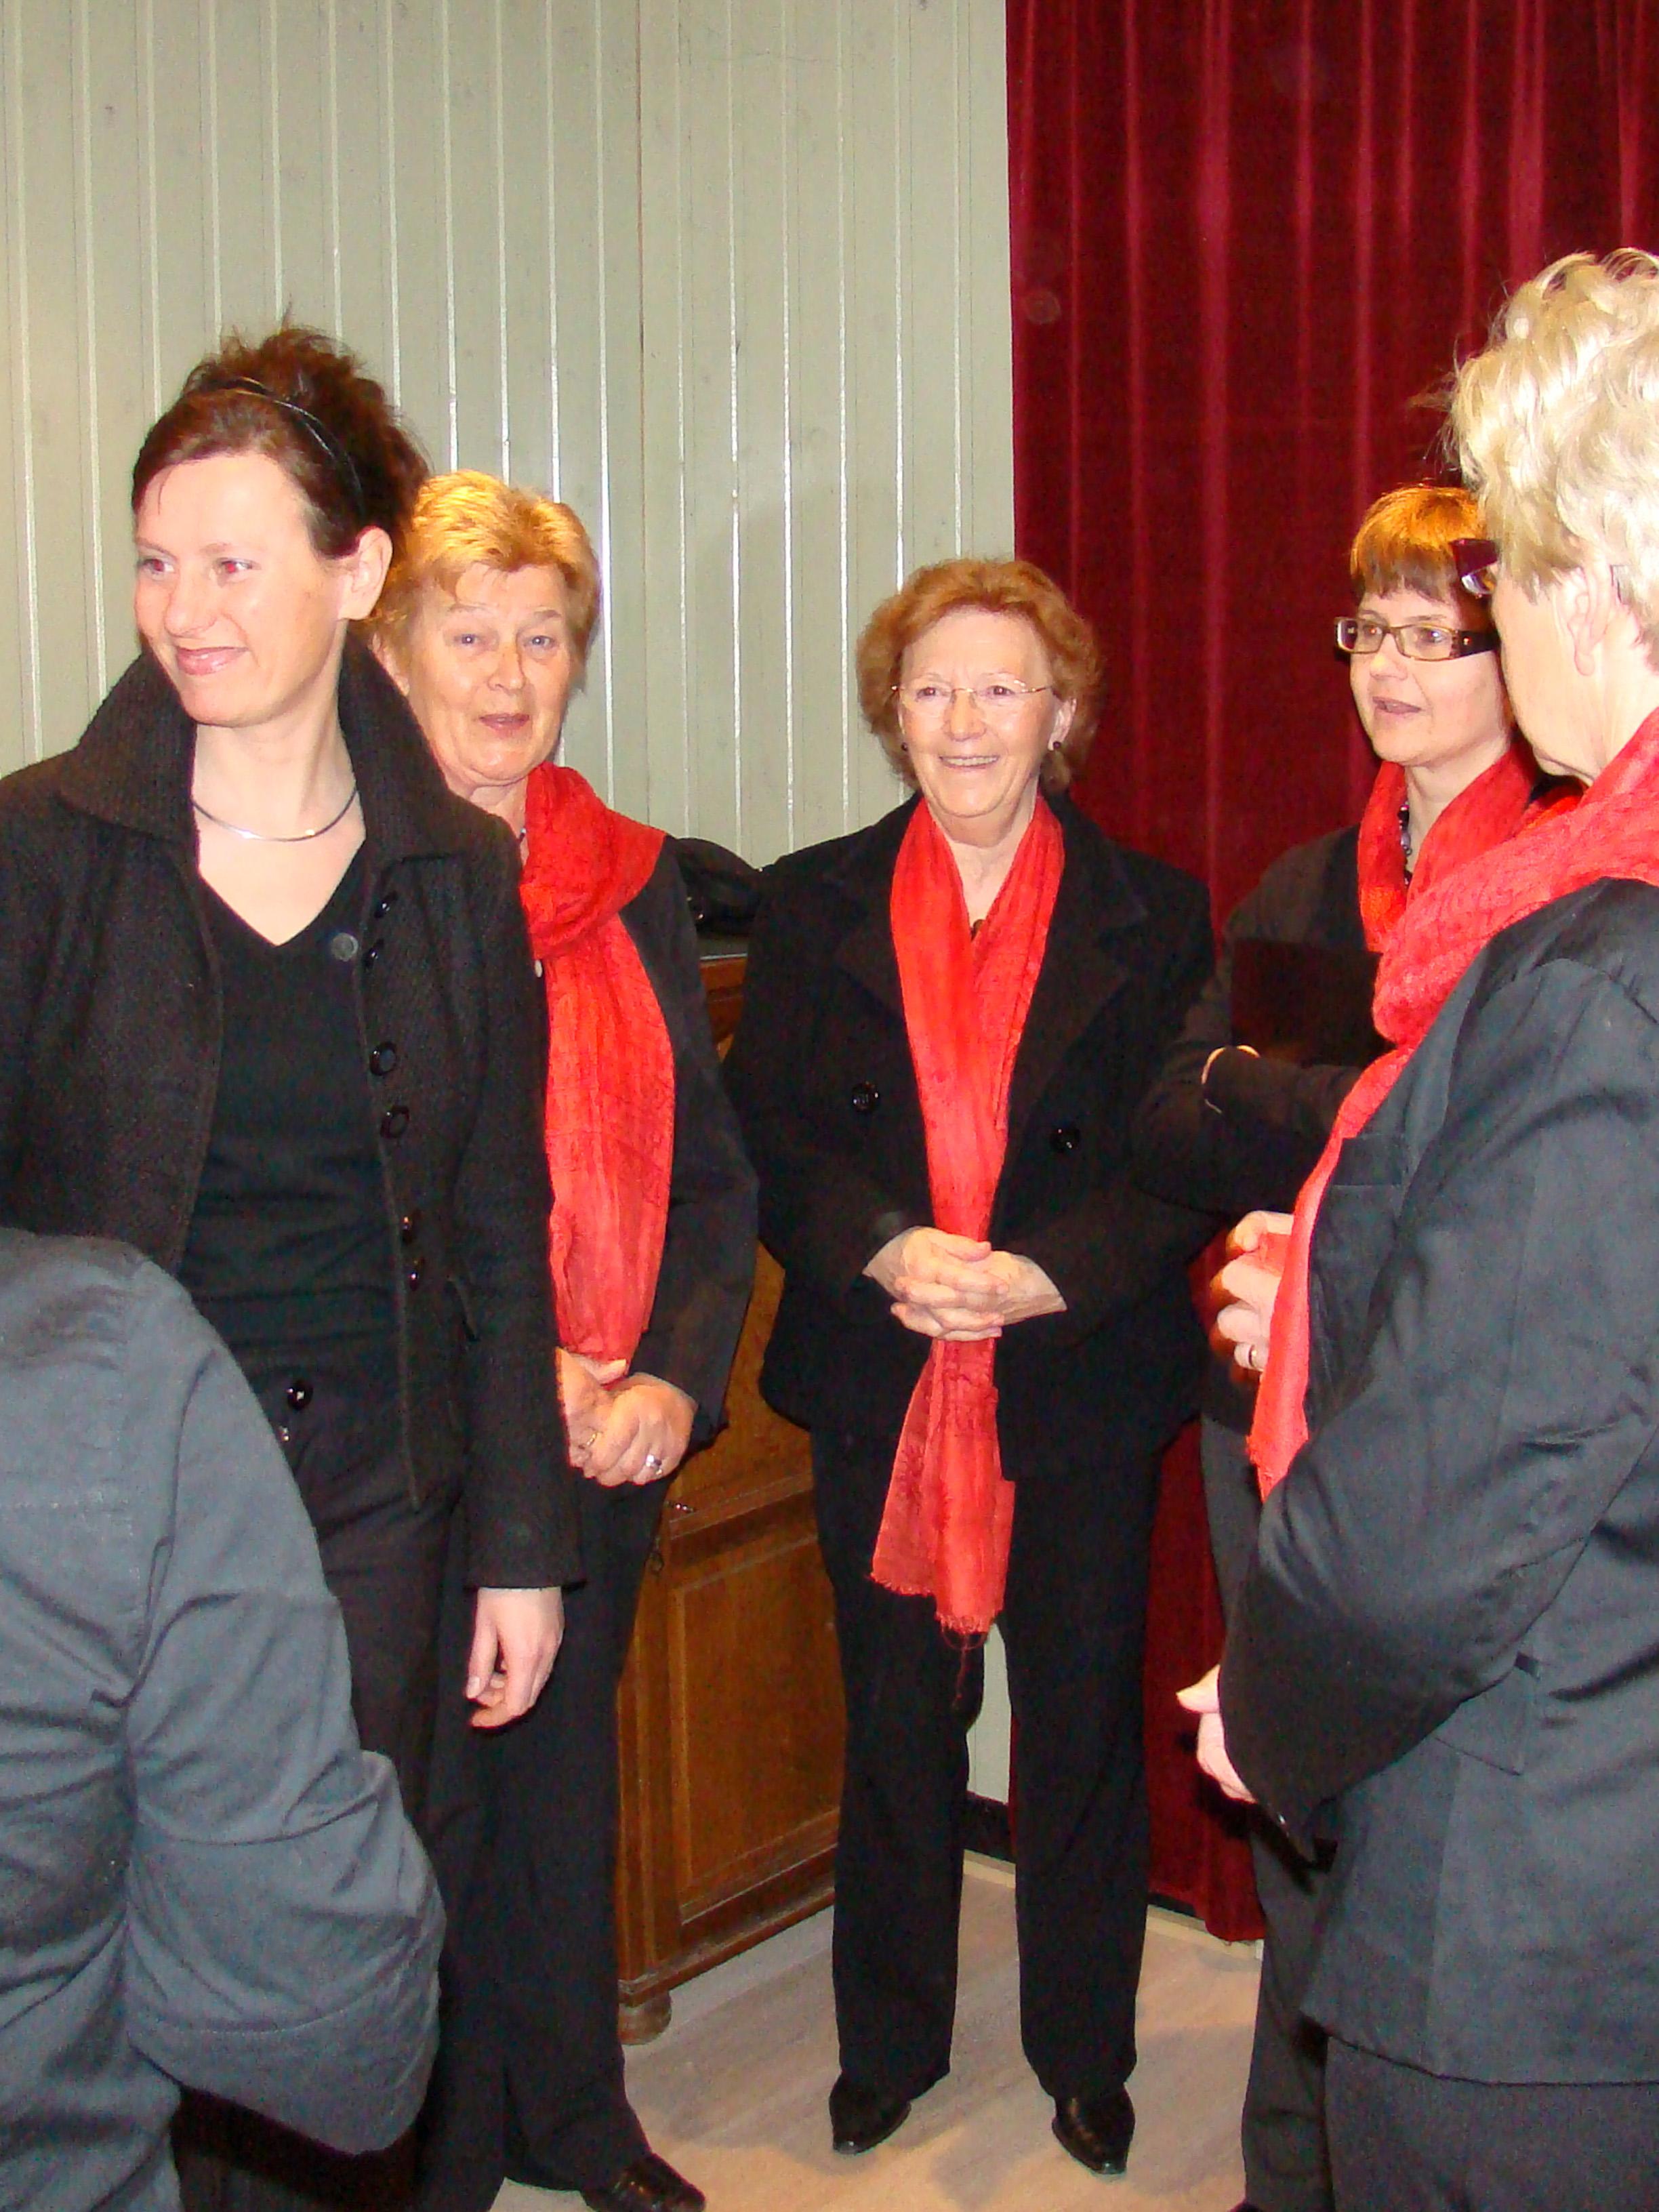 Mis 2009/03/22 Cantando Wijn